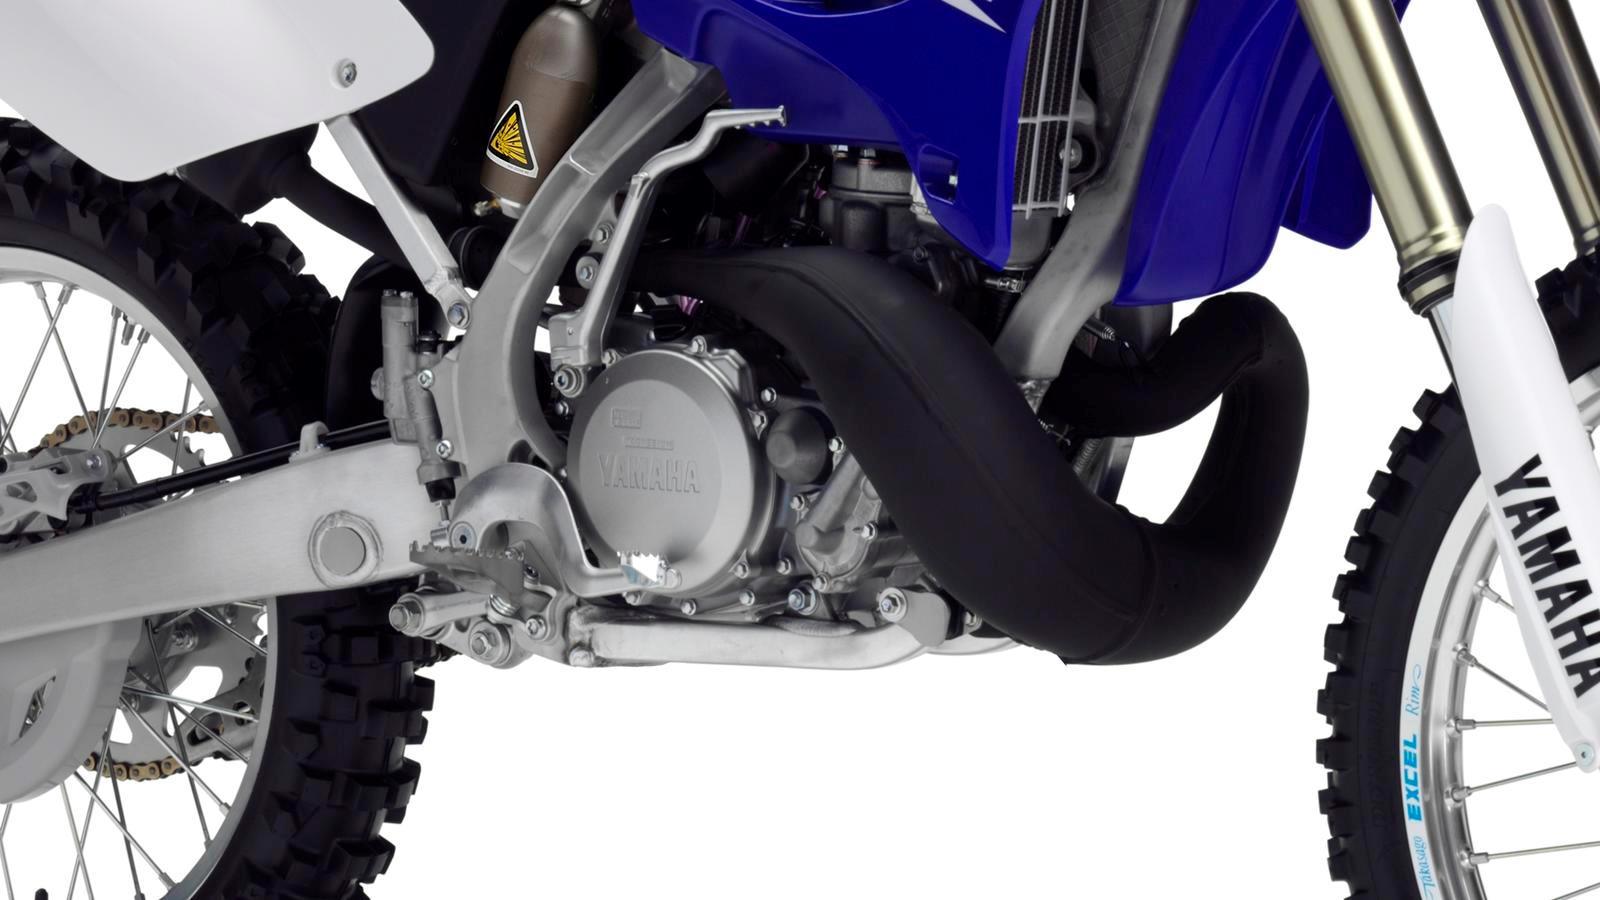 YZ250-EU-Racing-Blue-Detail-001_osob